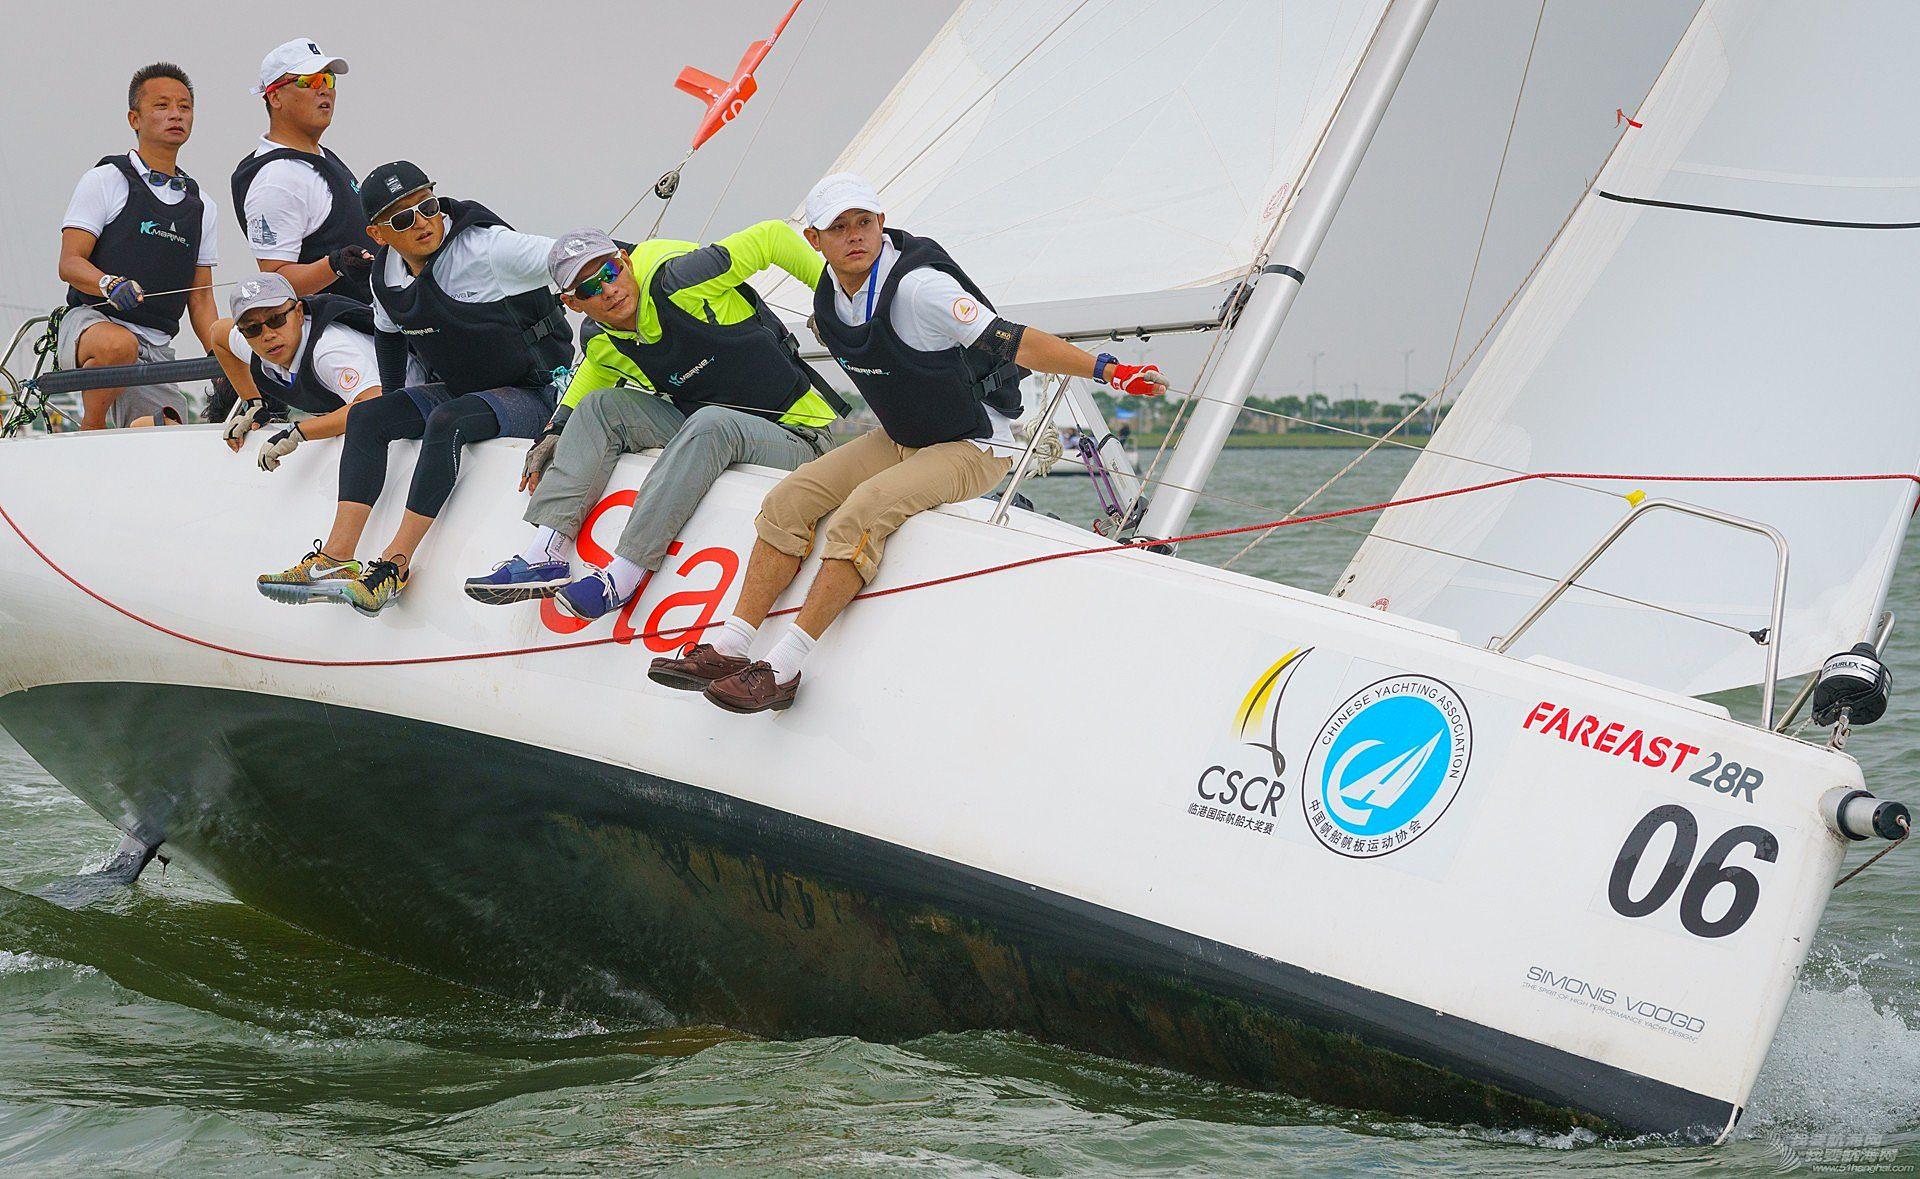 中国城市,俱乐部,帆船 帆船大奖掀高潮 2015中国城市俱乐部帆船赛完美落幕